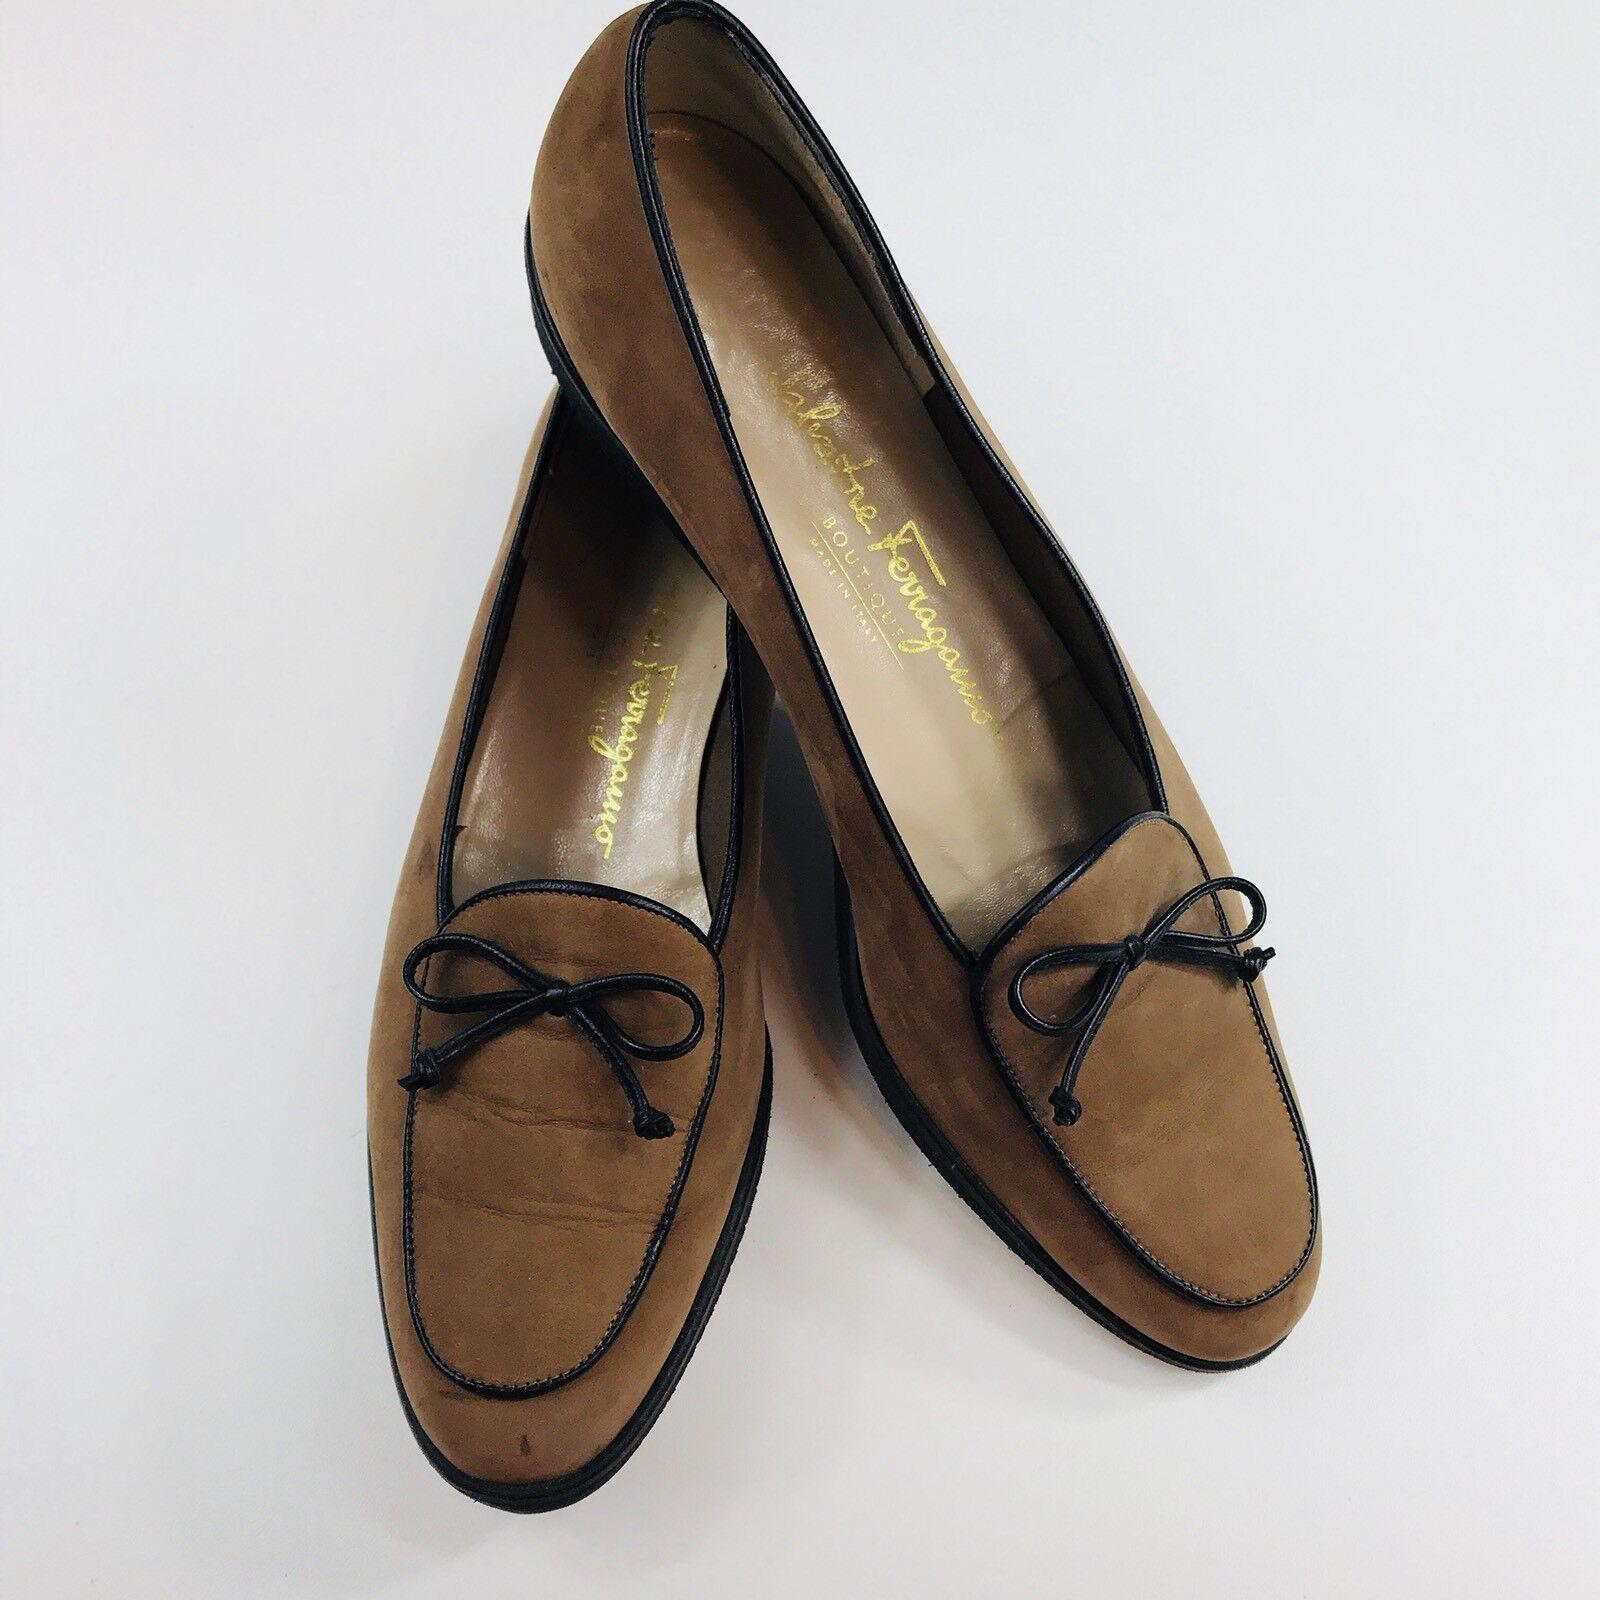 Salvatore Ferragamo Ferragamo Salvatore Tie Größe Loafers Braun Suede Schuhes Damens's Größe ... 5b3212